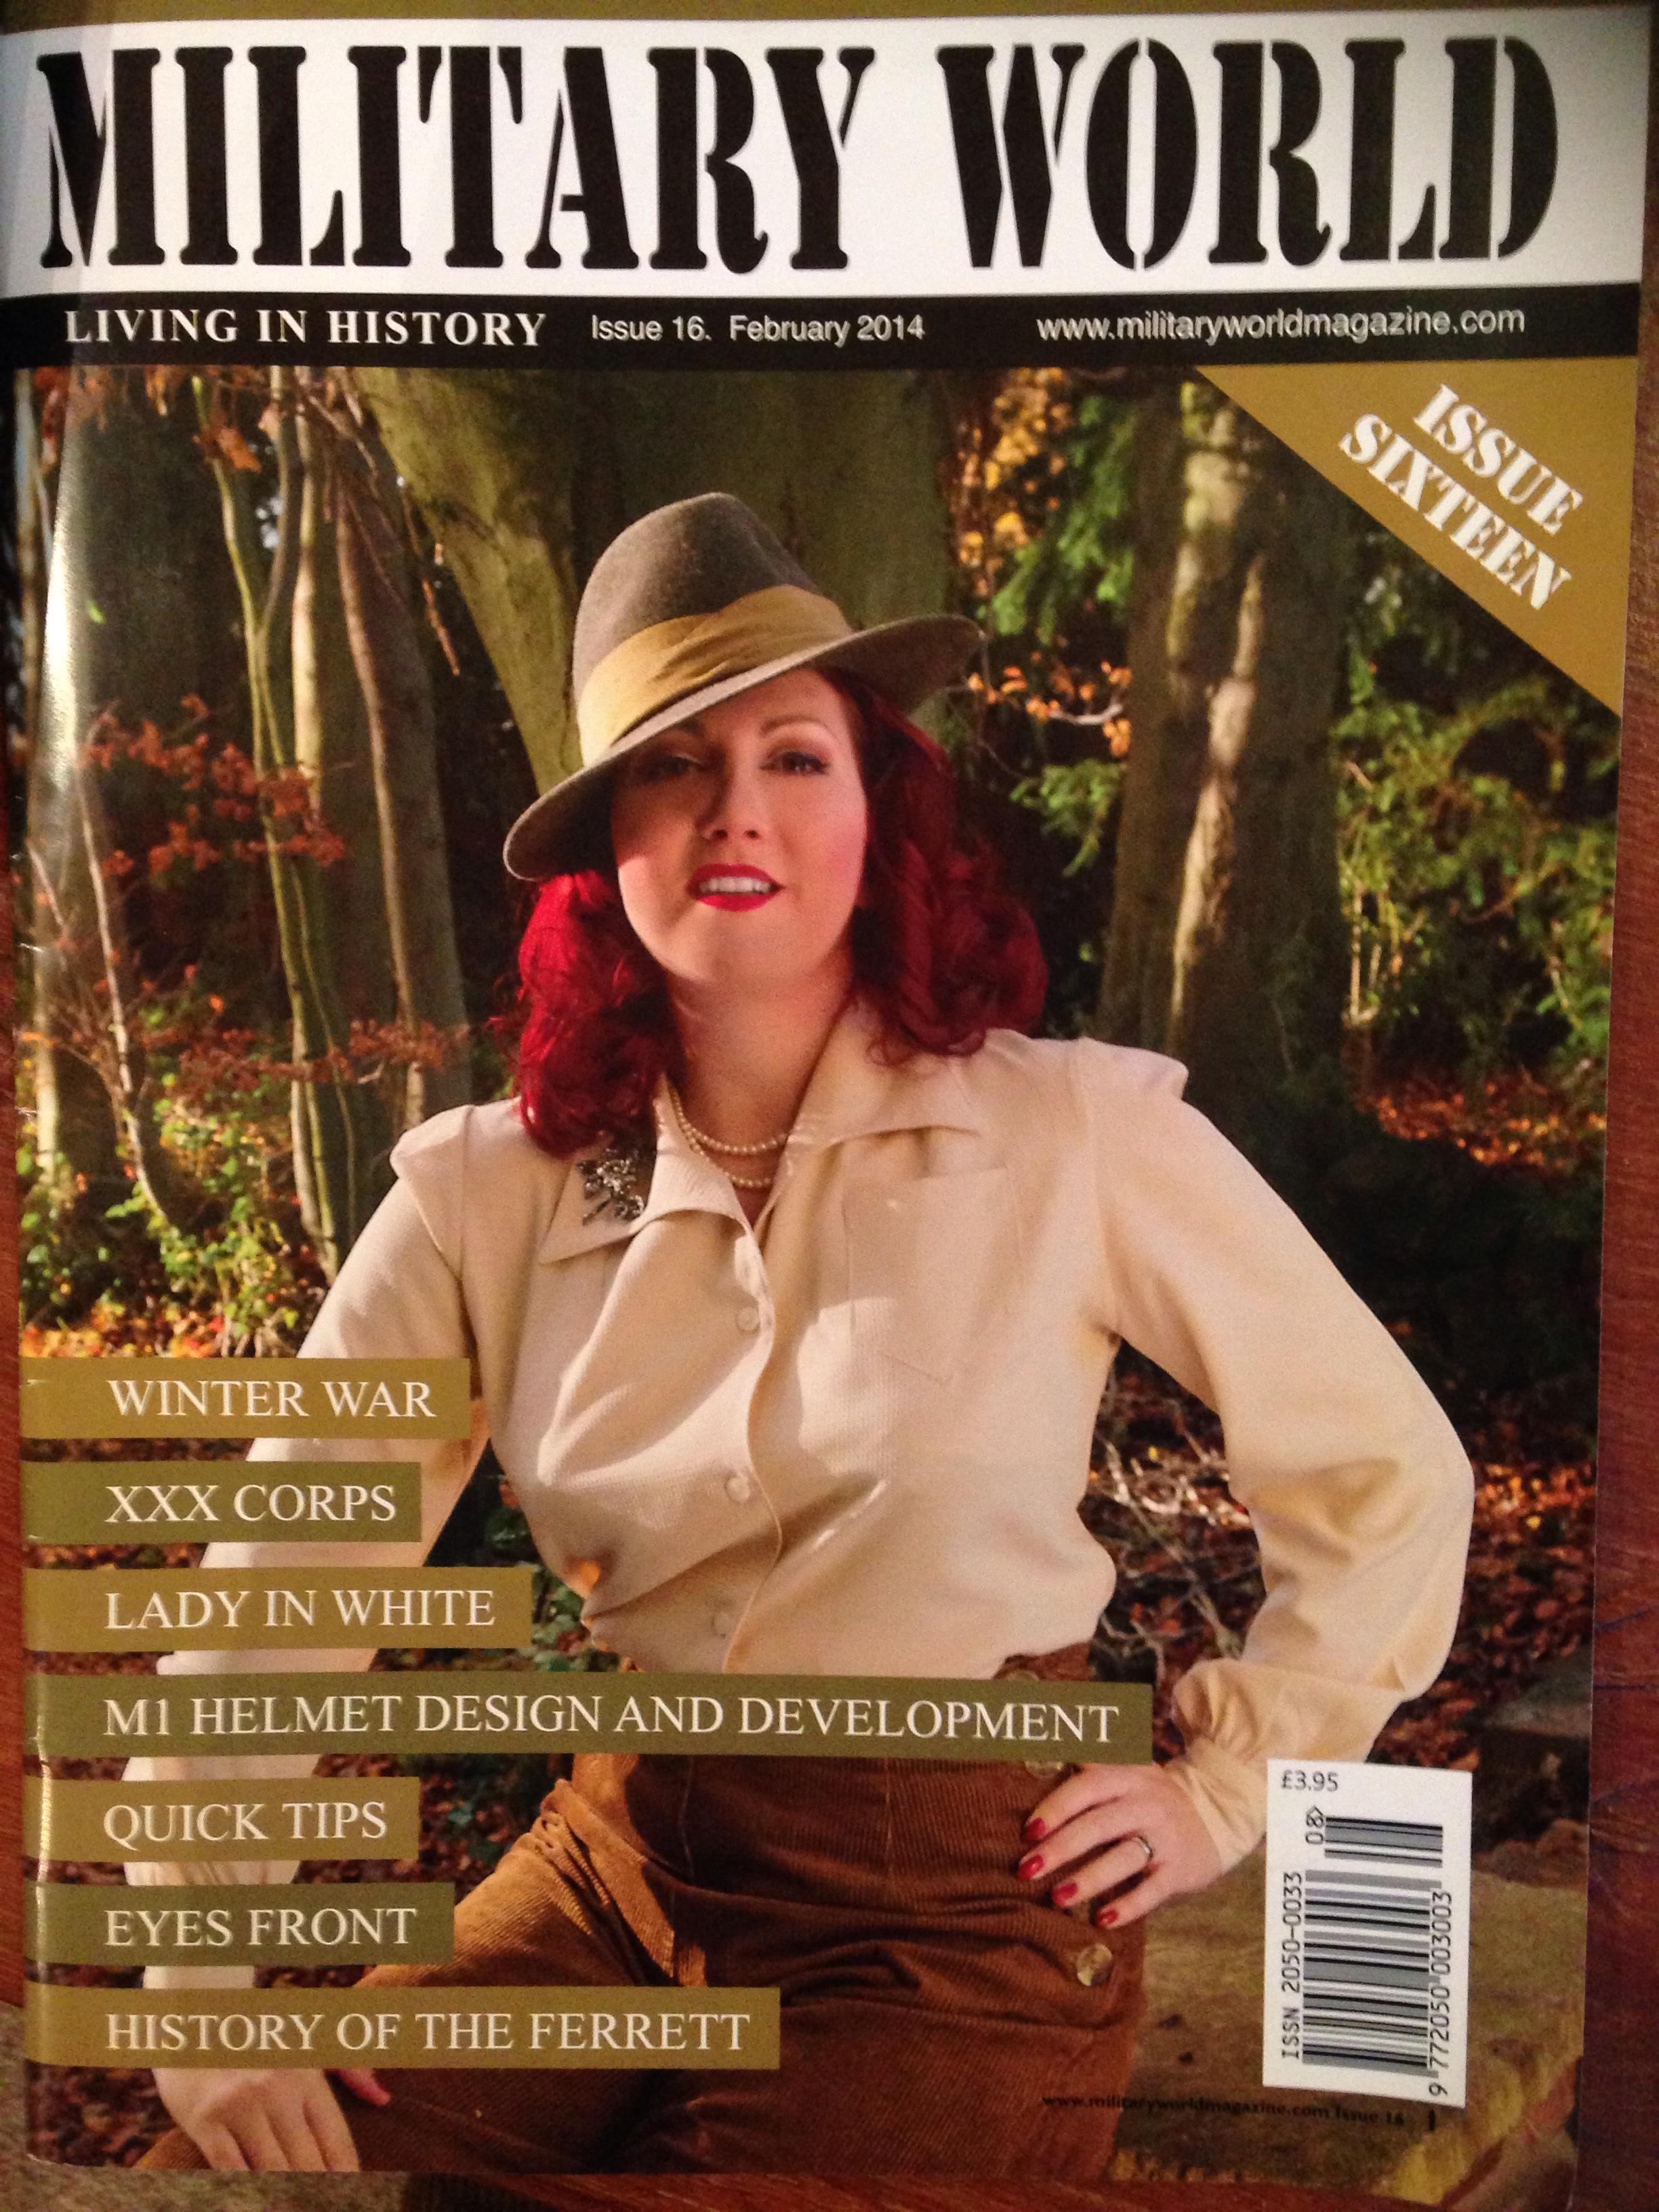 Military world magazine pinup